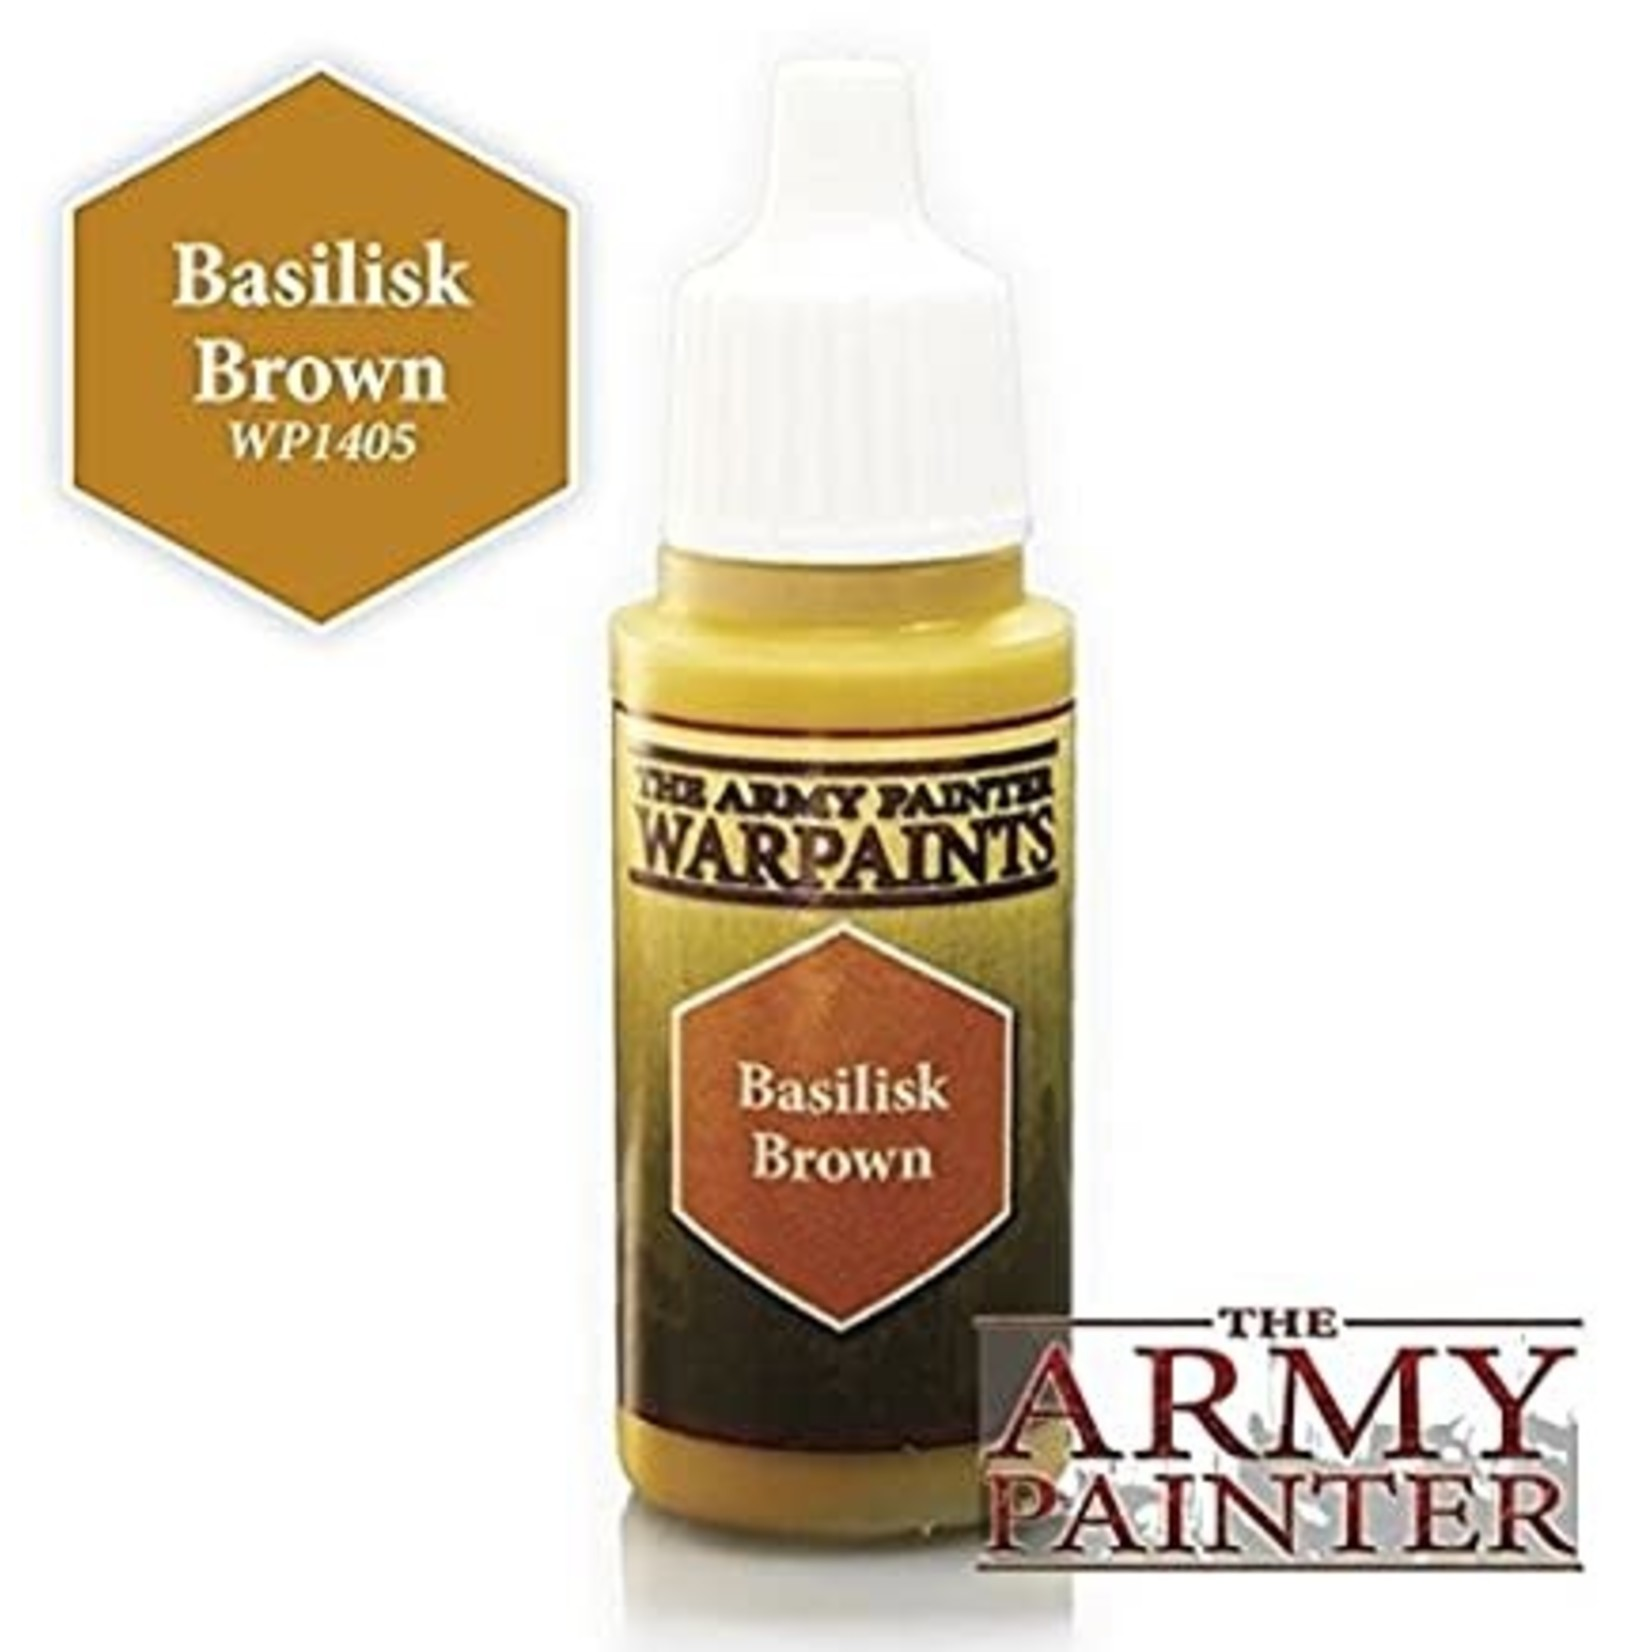 Army Painter APWP Basilisk Brown 18ml